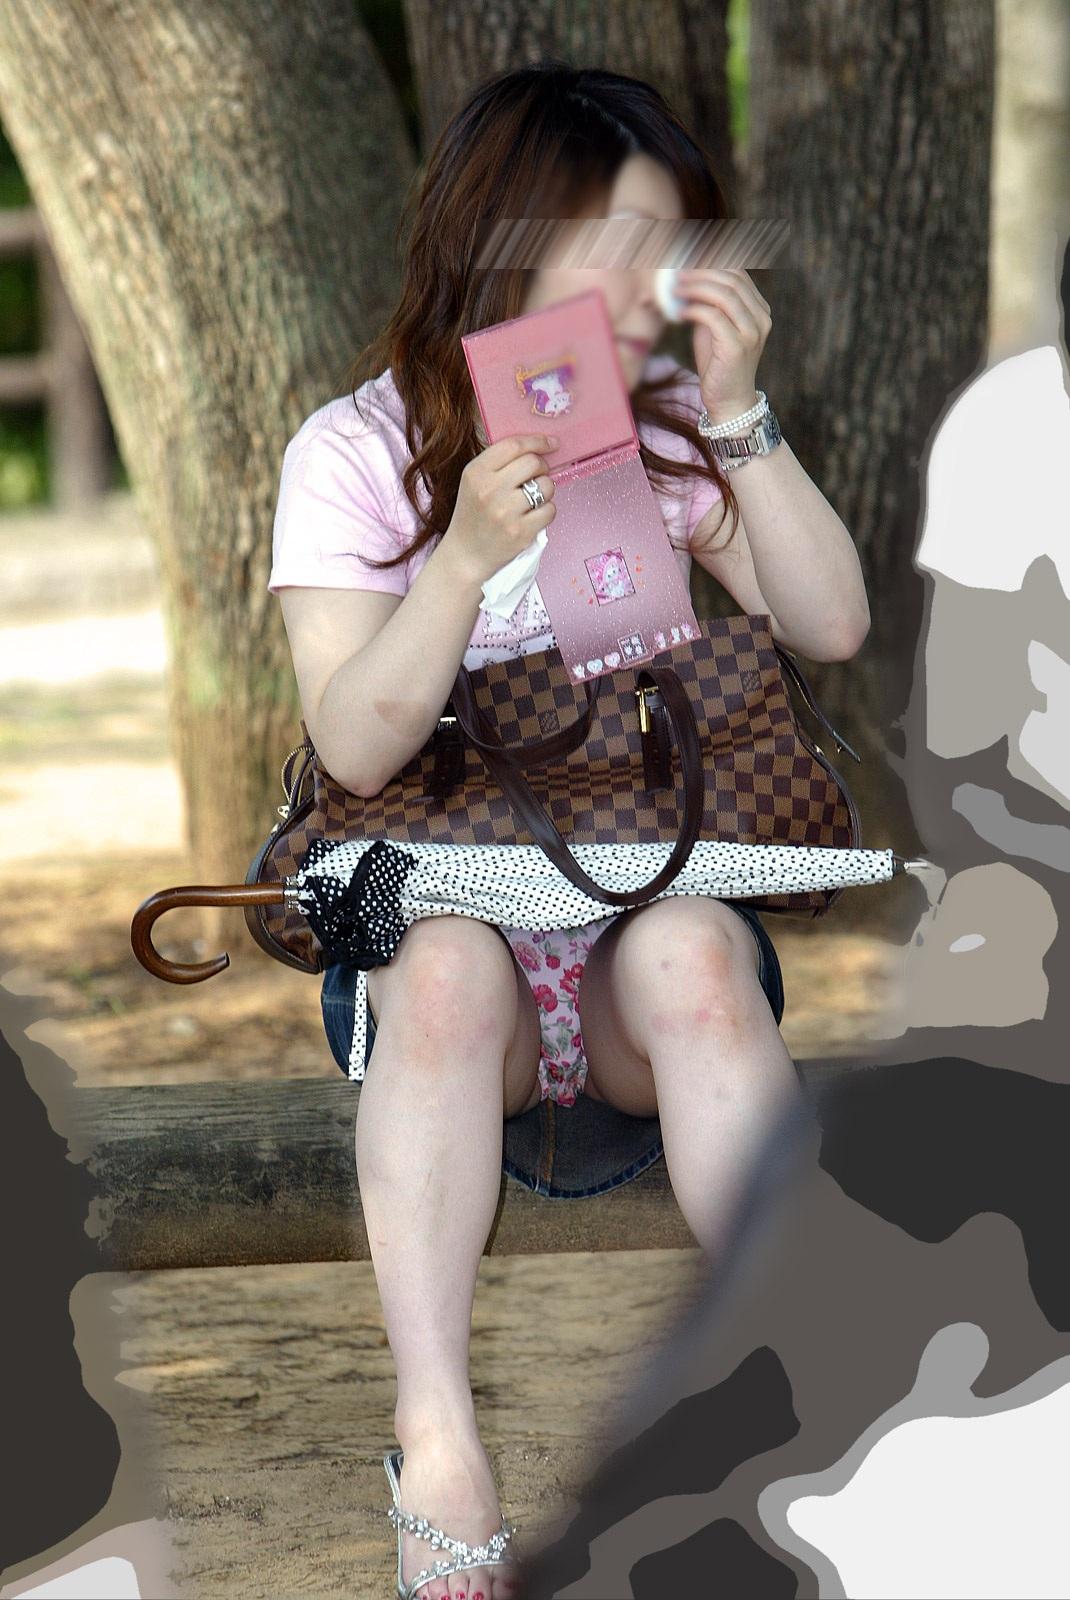 【パンチラエロ画像】腰掛けたミニスカは要チェック!見逃せない座りチラ(;´∀`)